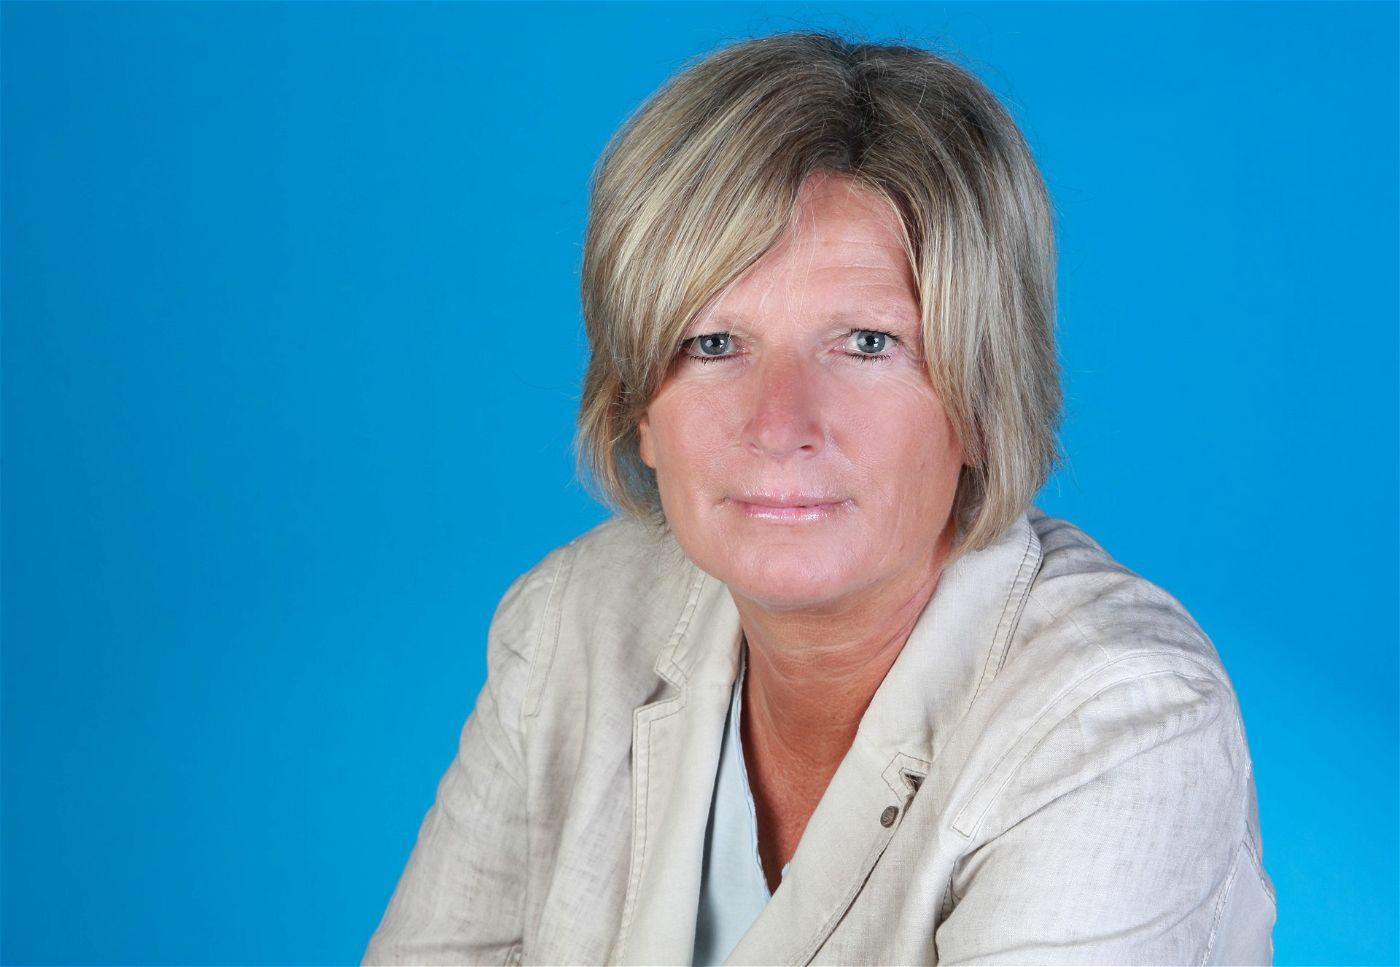 """Auch Claudia Neumann meldet sich für die ZDF-Zuschauer vom Kommentatorenplatz. <p><a href=""""http://www.prisma.de/tv-programm/sport/em2016/"""">Die EM 2016 live im TV erleben: Hier geht's zur &Uuml;bersichtsseite mit allen Infos und Fakten.</a></p>"""